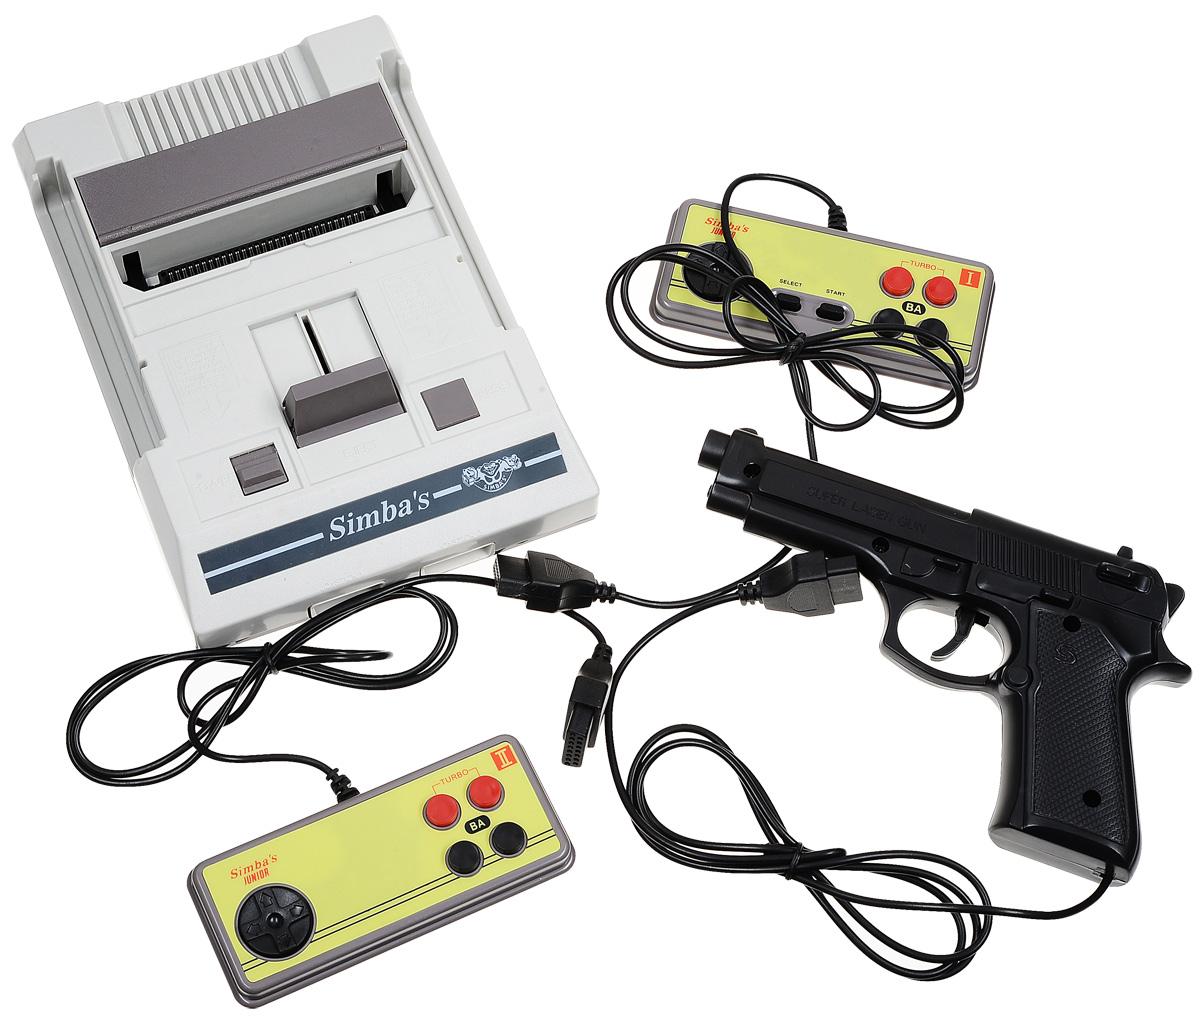 Simba's Junior игровая приставка + картридж на 9999999 игр - Игровые консоли